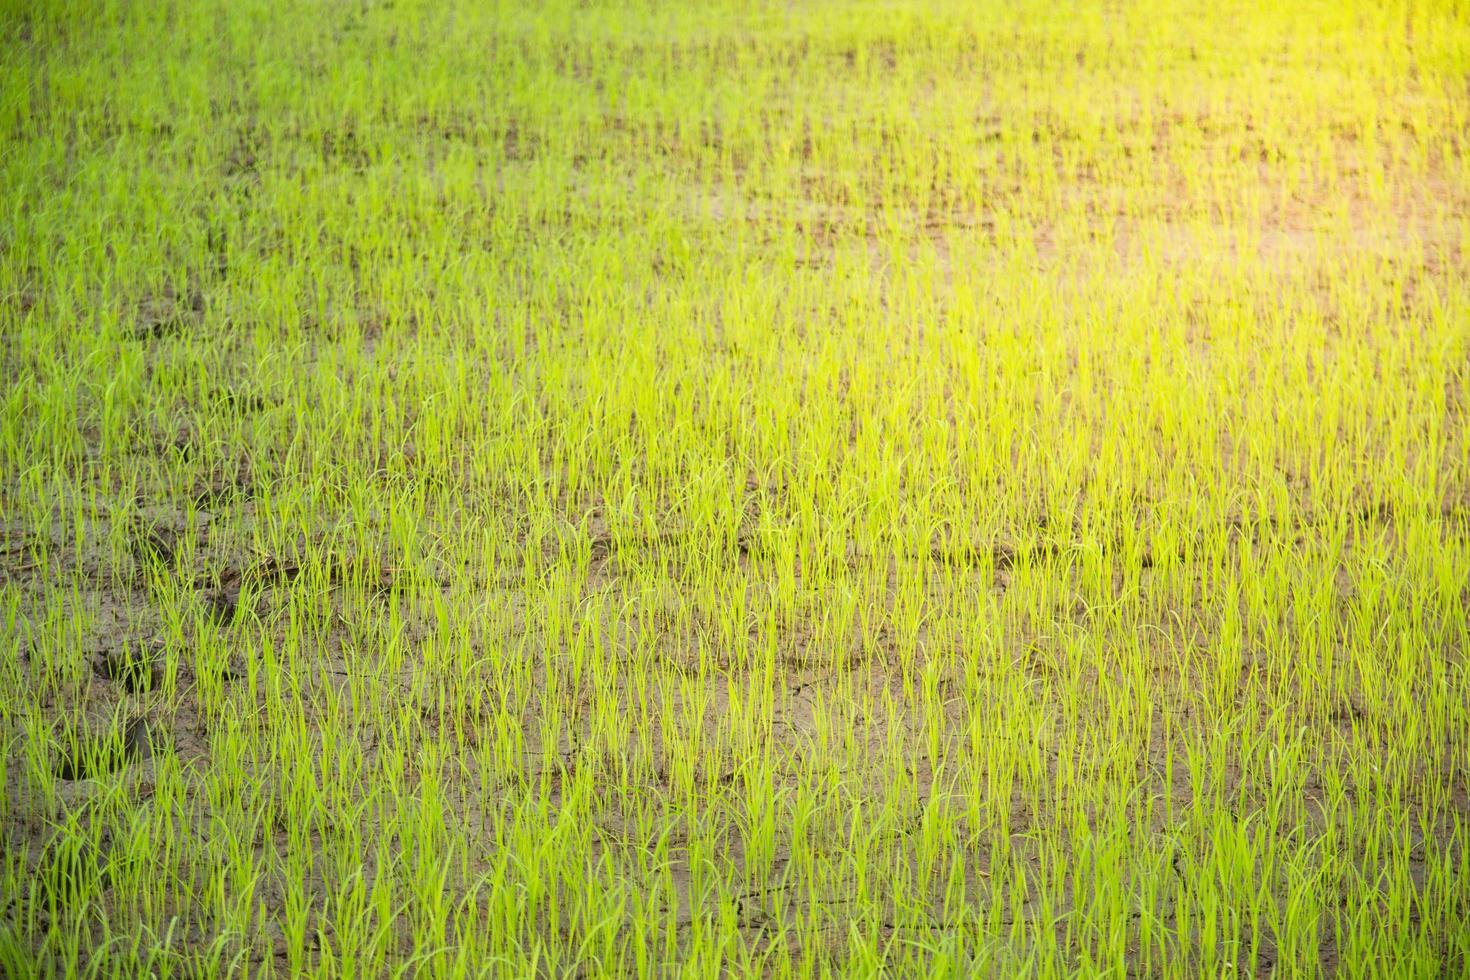 primer plano de un arroz presentado foto